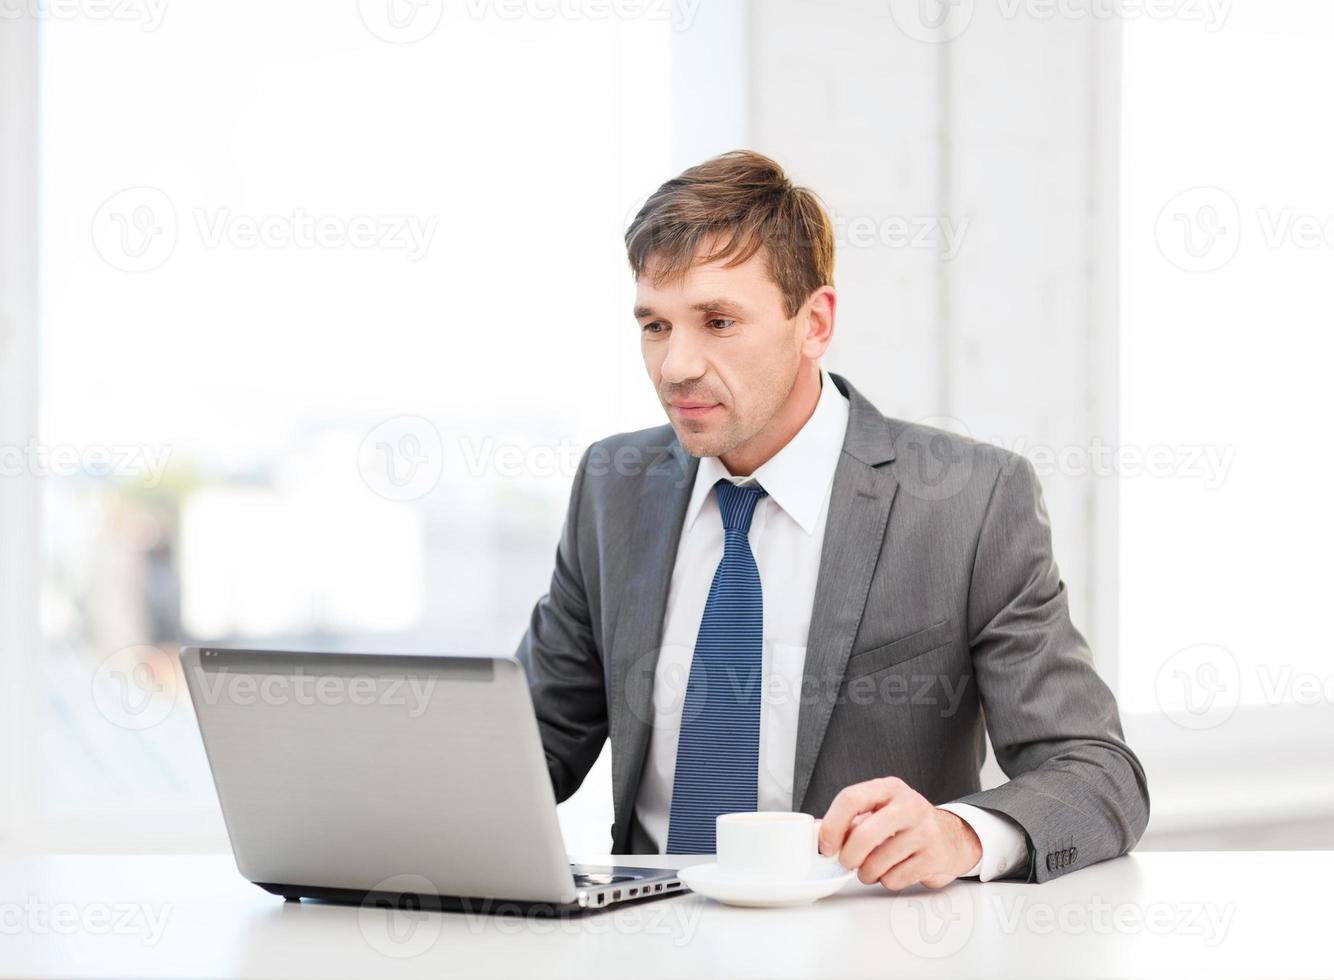 empresário trabalhando com computador portátil foto